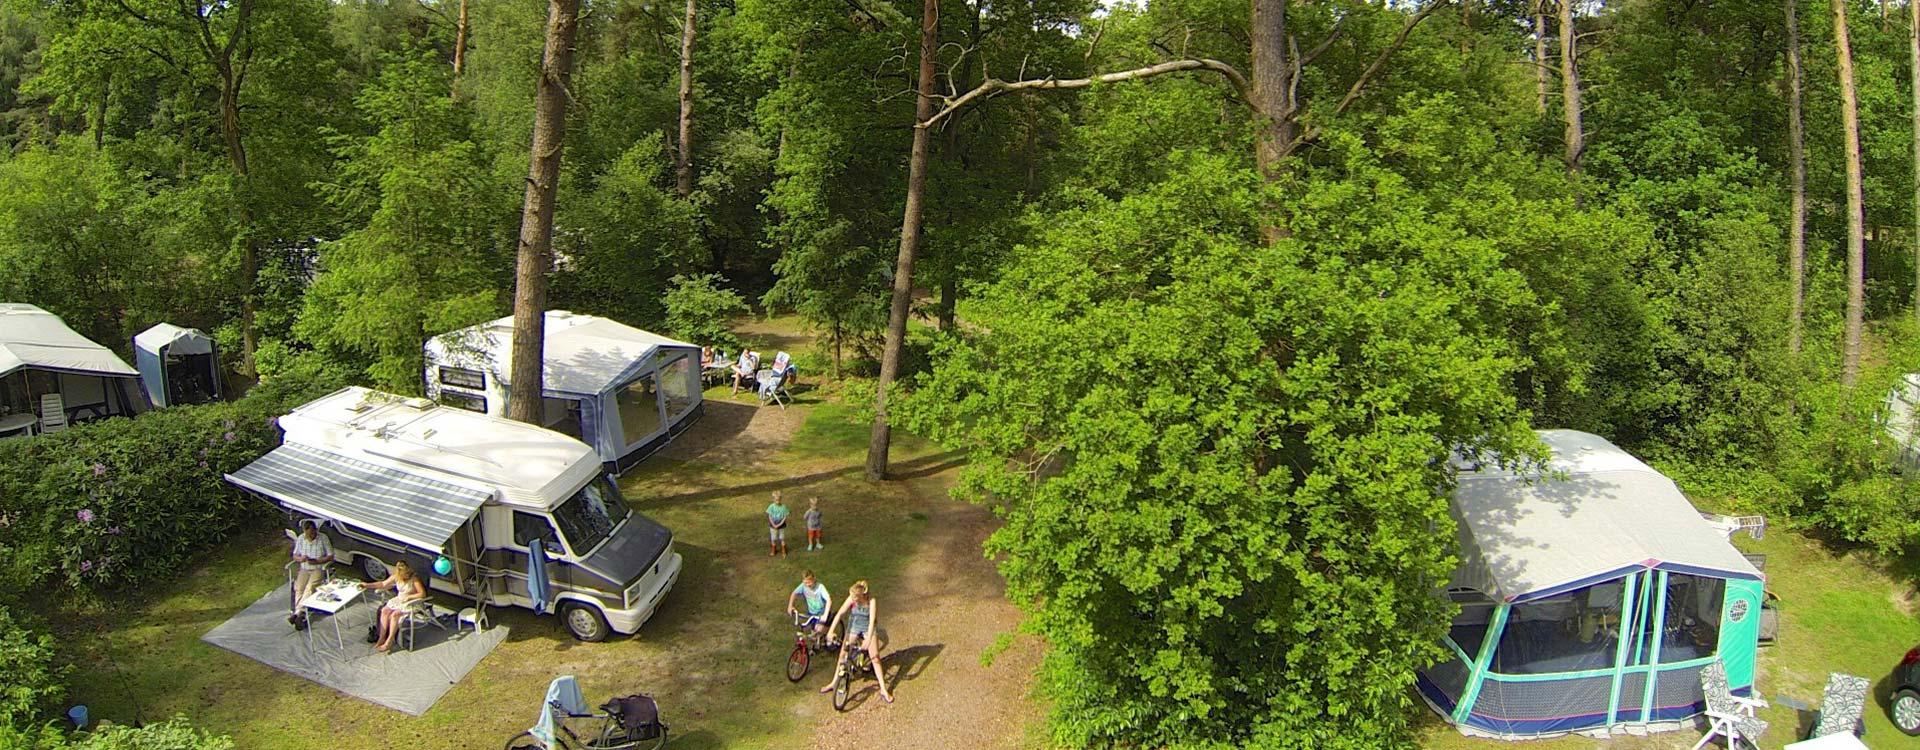 camping-diever-kamperen-in-het-bos